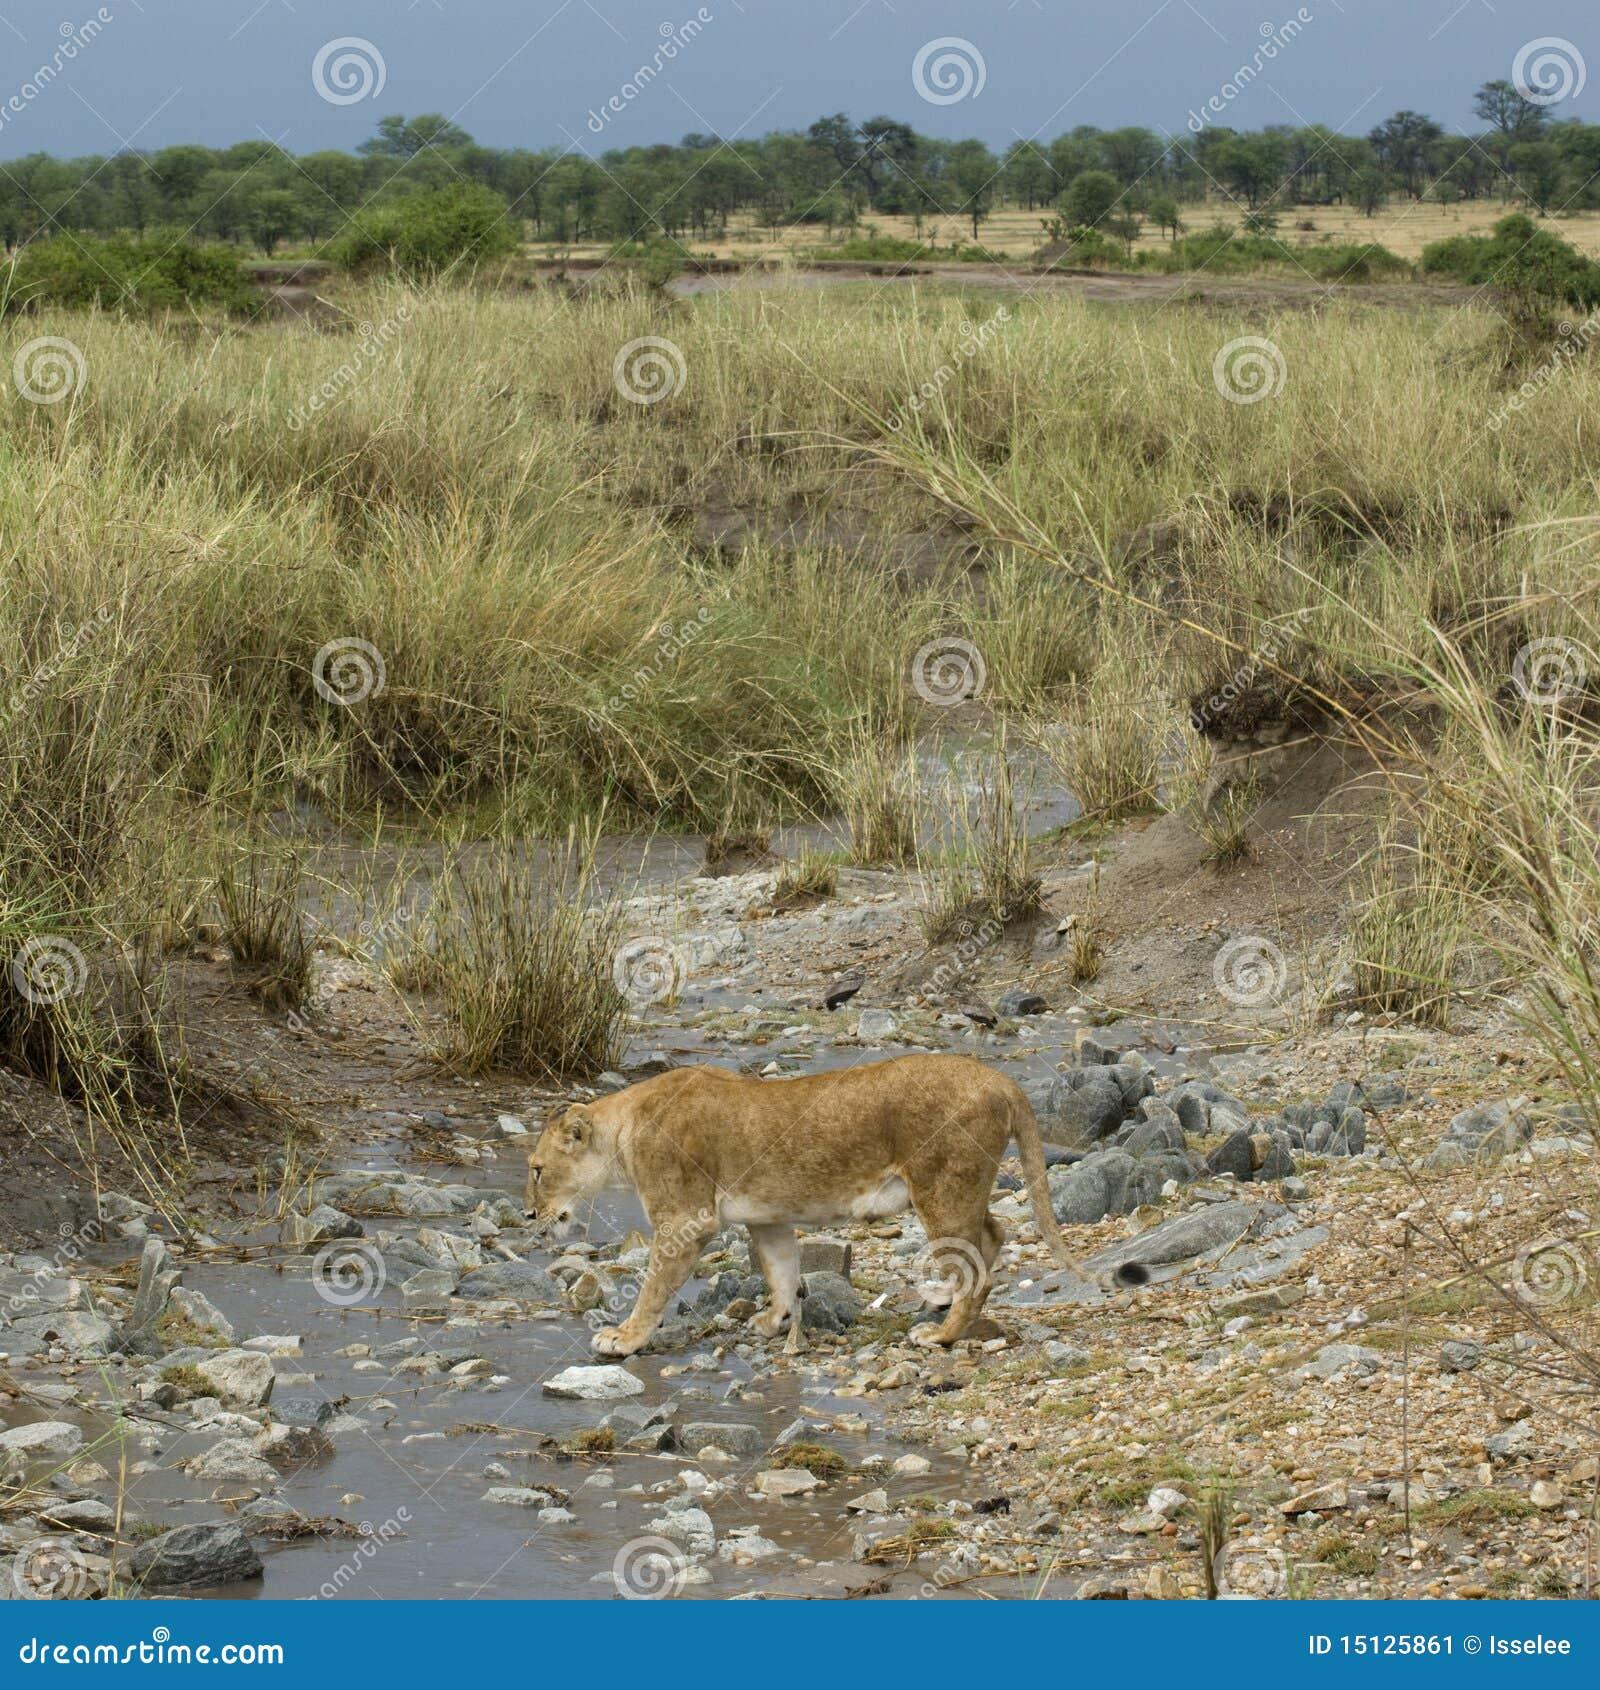 Serengeti Stream